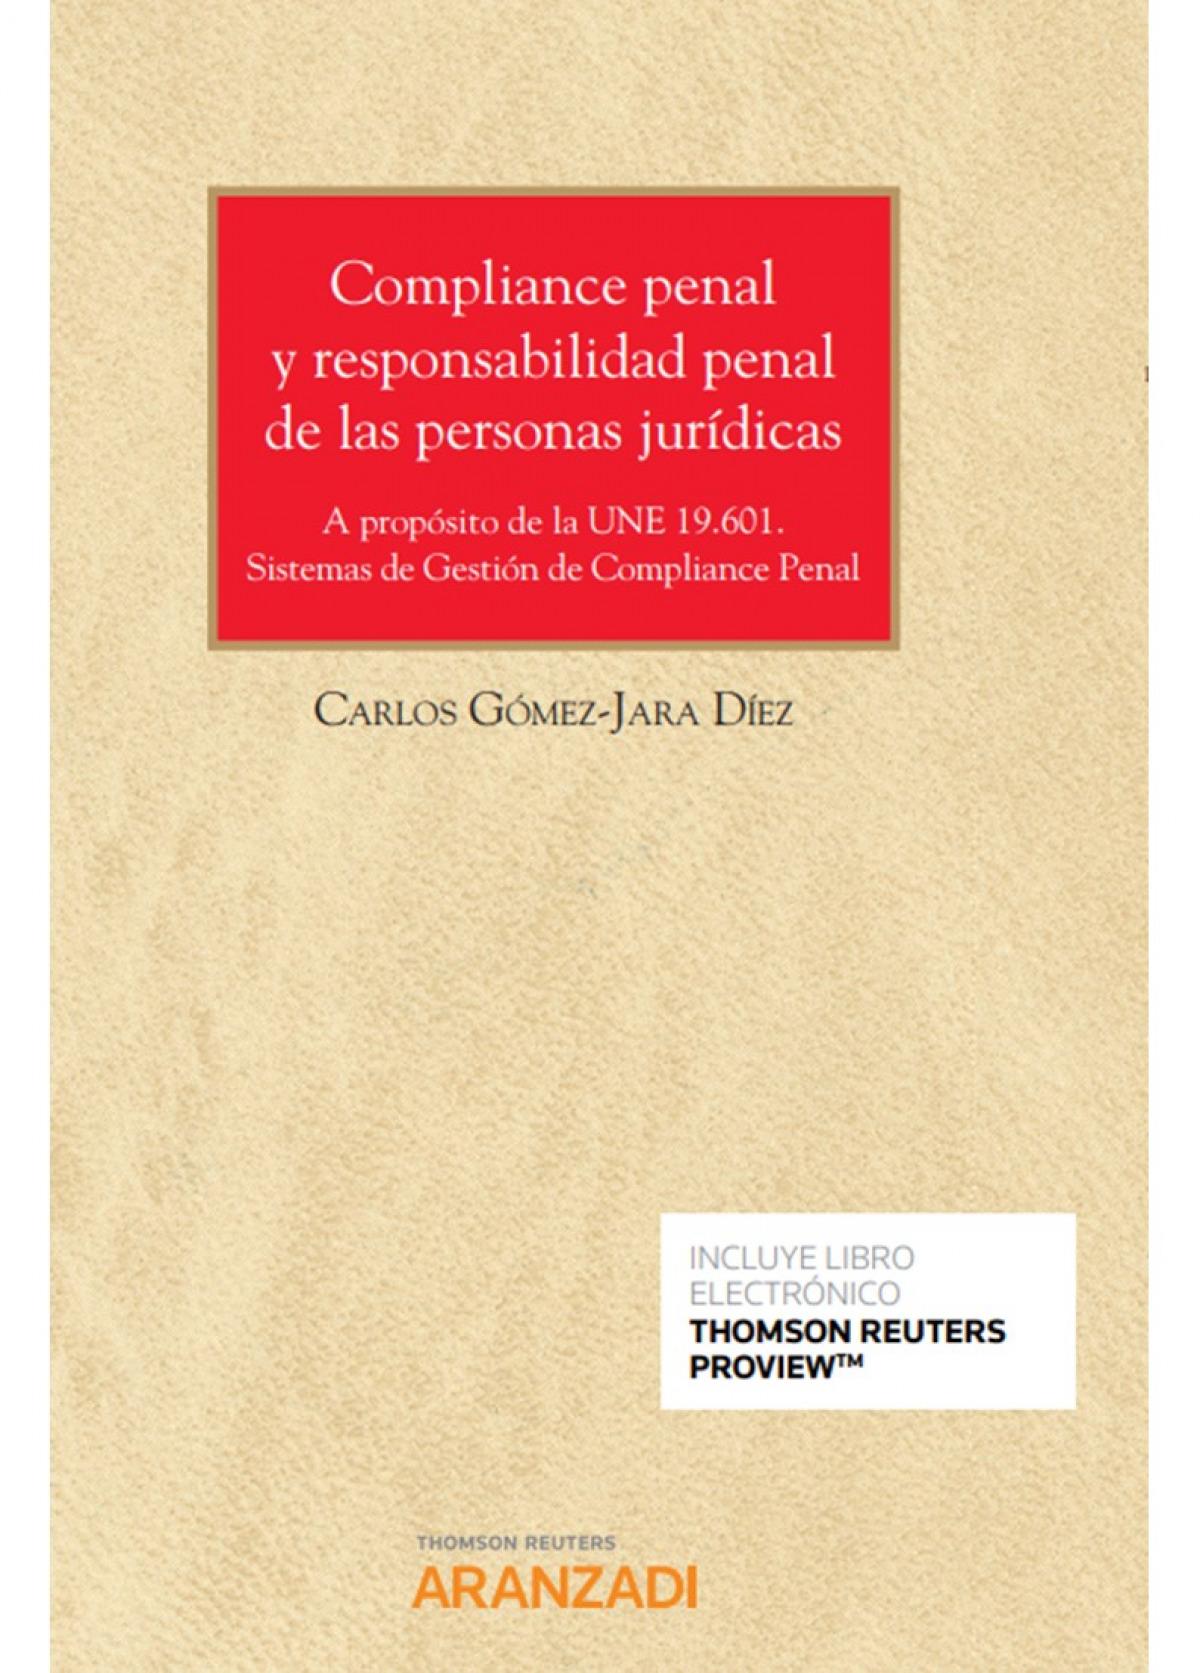 Compliance penal y responsabilidad penal de las personas jurídicas